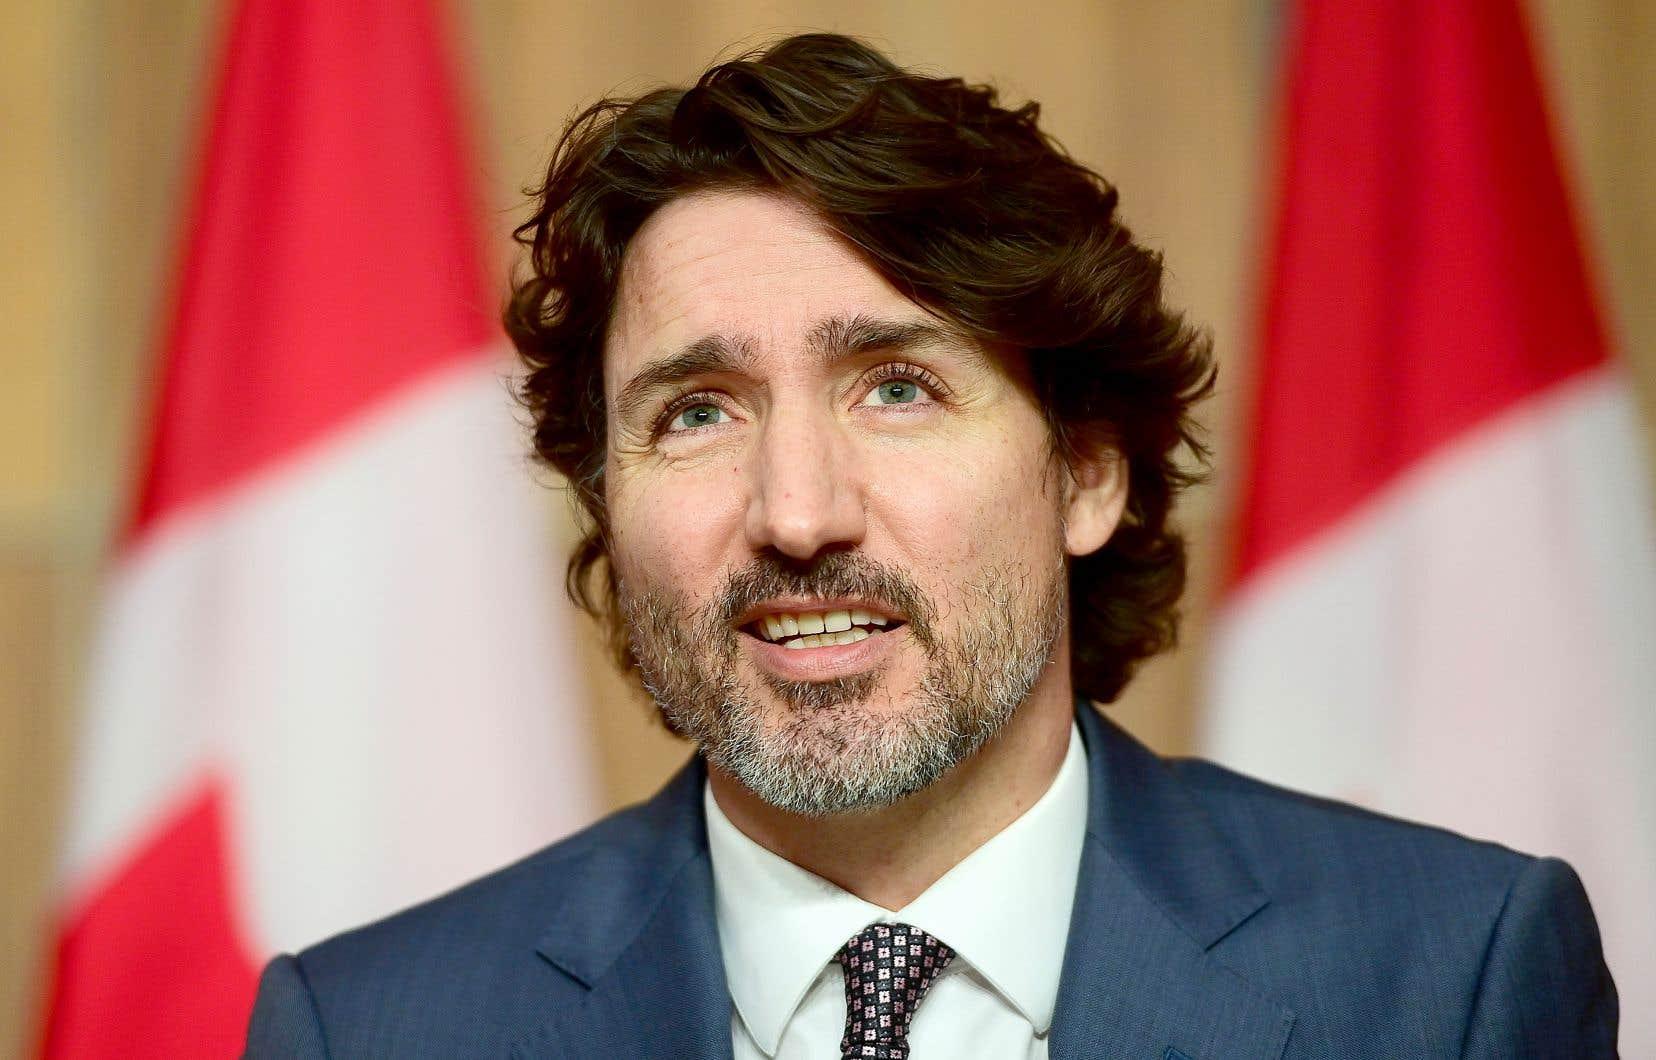 Bien que l'équipe de François Legault se basait sur l'avis du constitutionnaliste Benoît Pelletier pour plaider qu'il pourrait amender de façon unilatérale la section de la Constitution portant sur le Québec, le fédéral ne s'était pas encore prononcé.